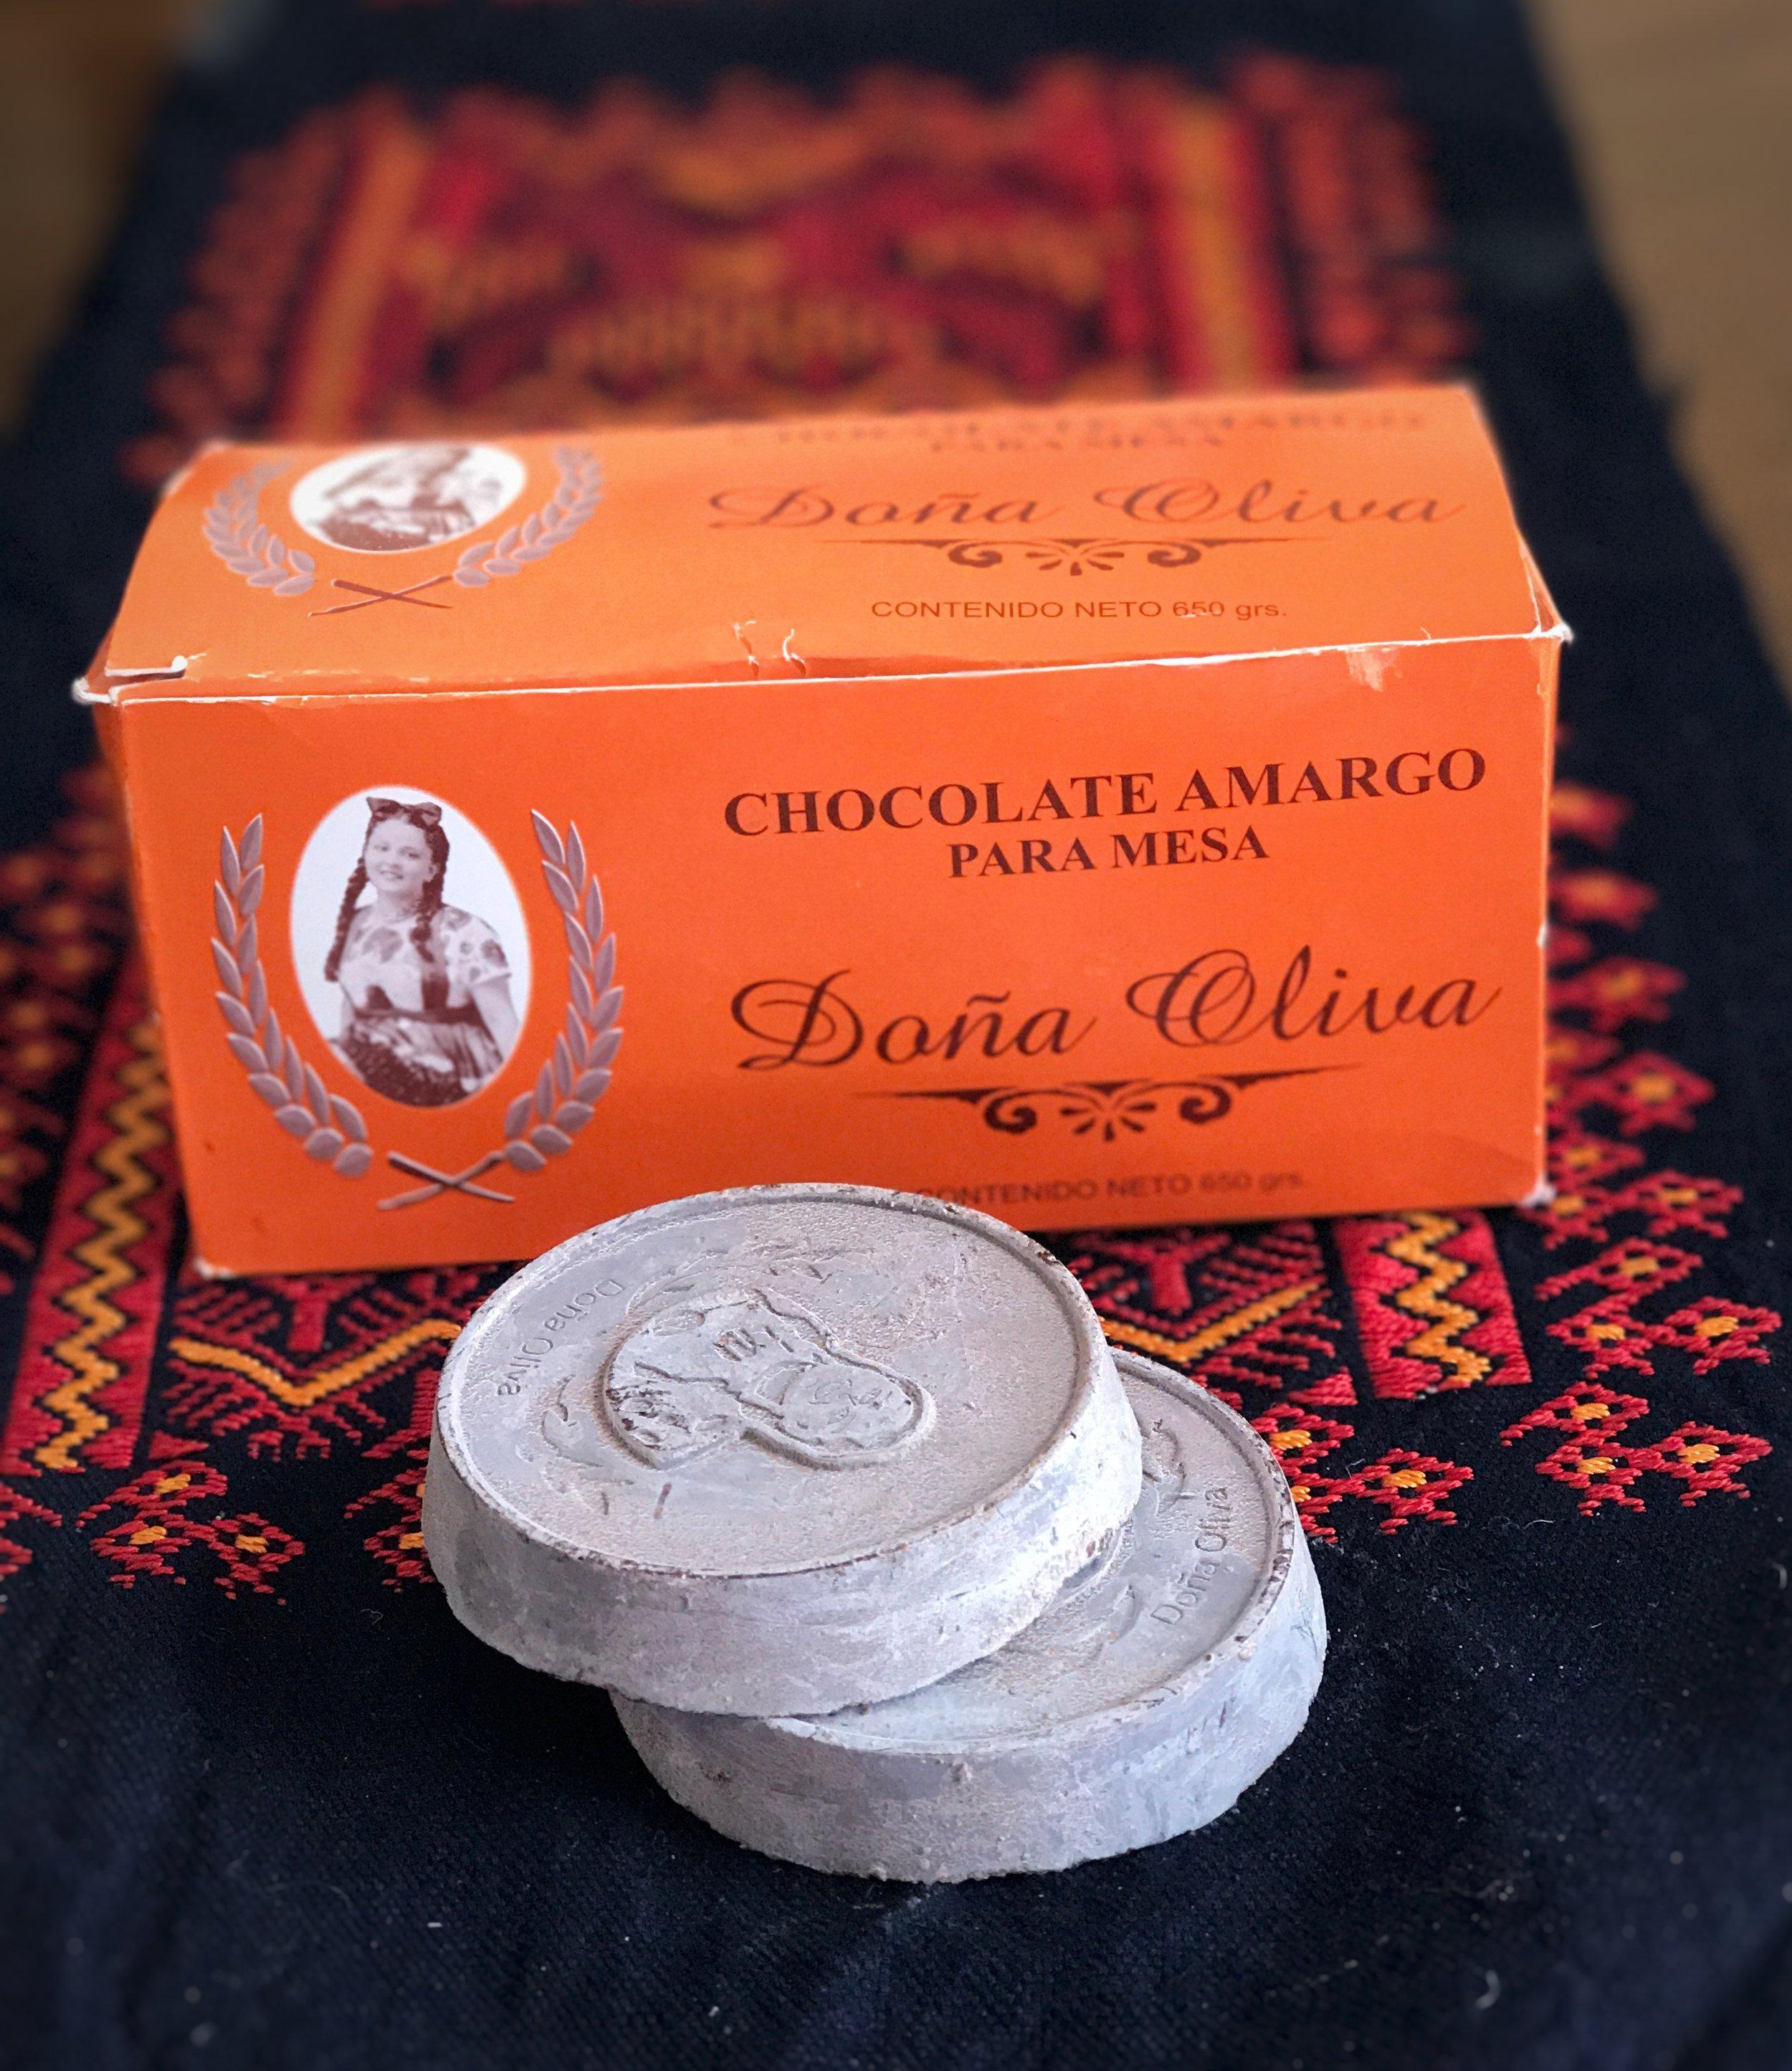 Doña Oliva chocolate amargo